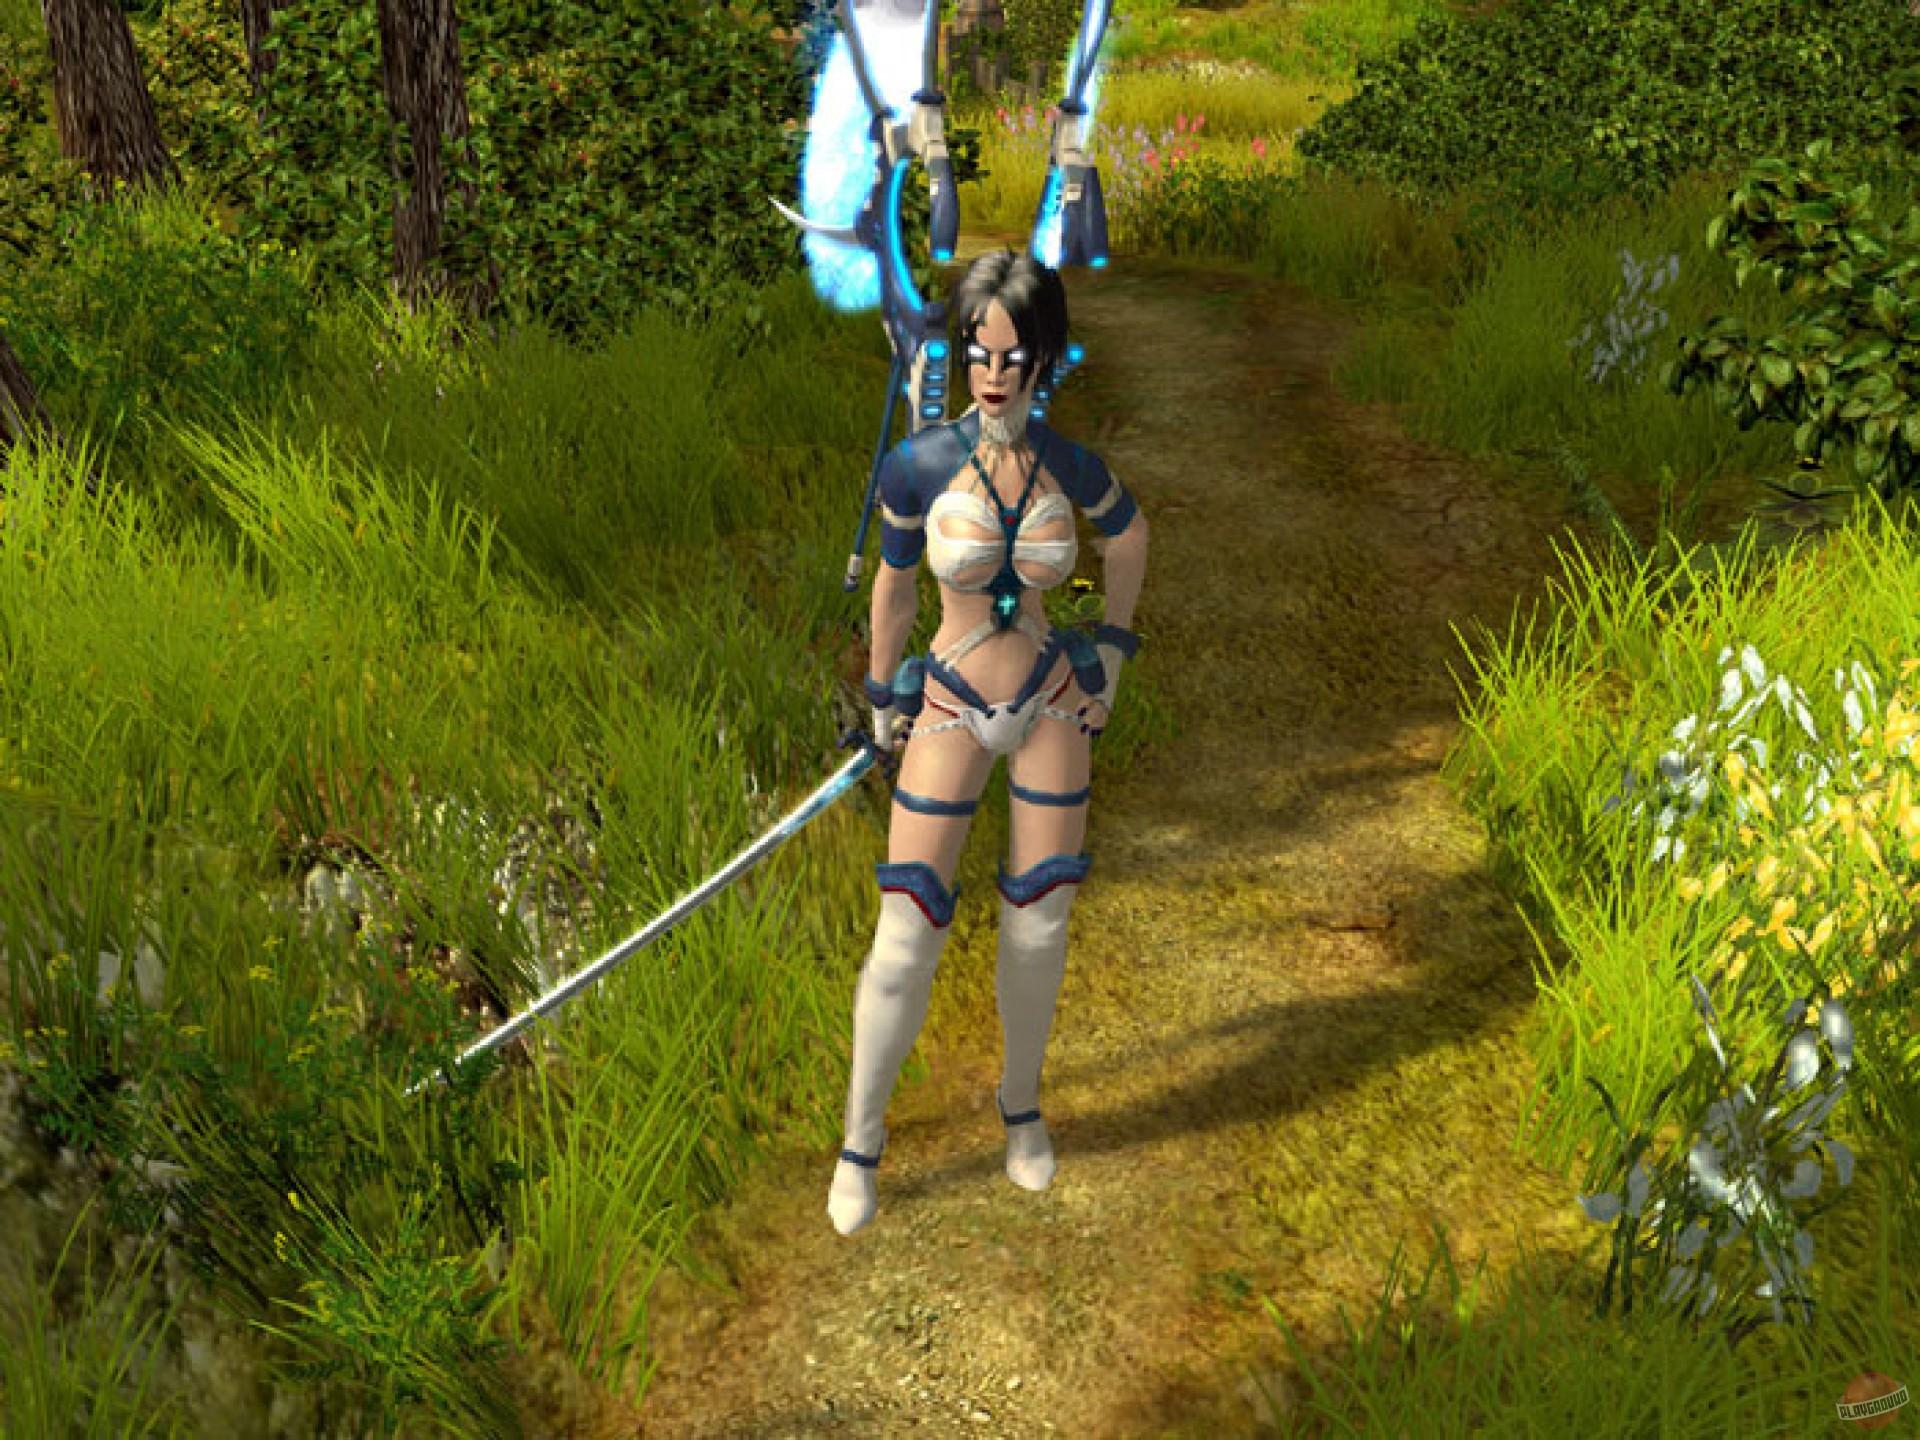 Blood elf nude mod gallery nude clip